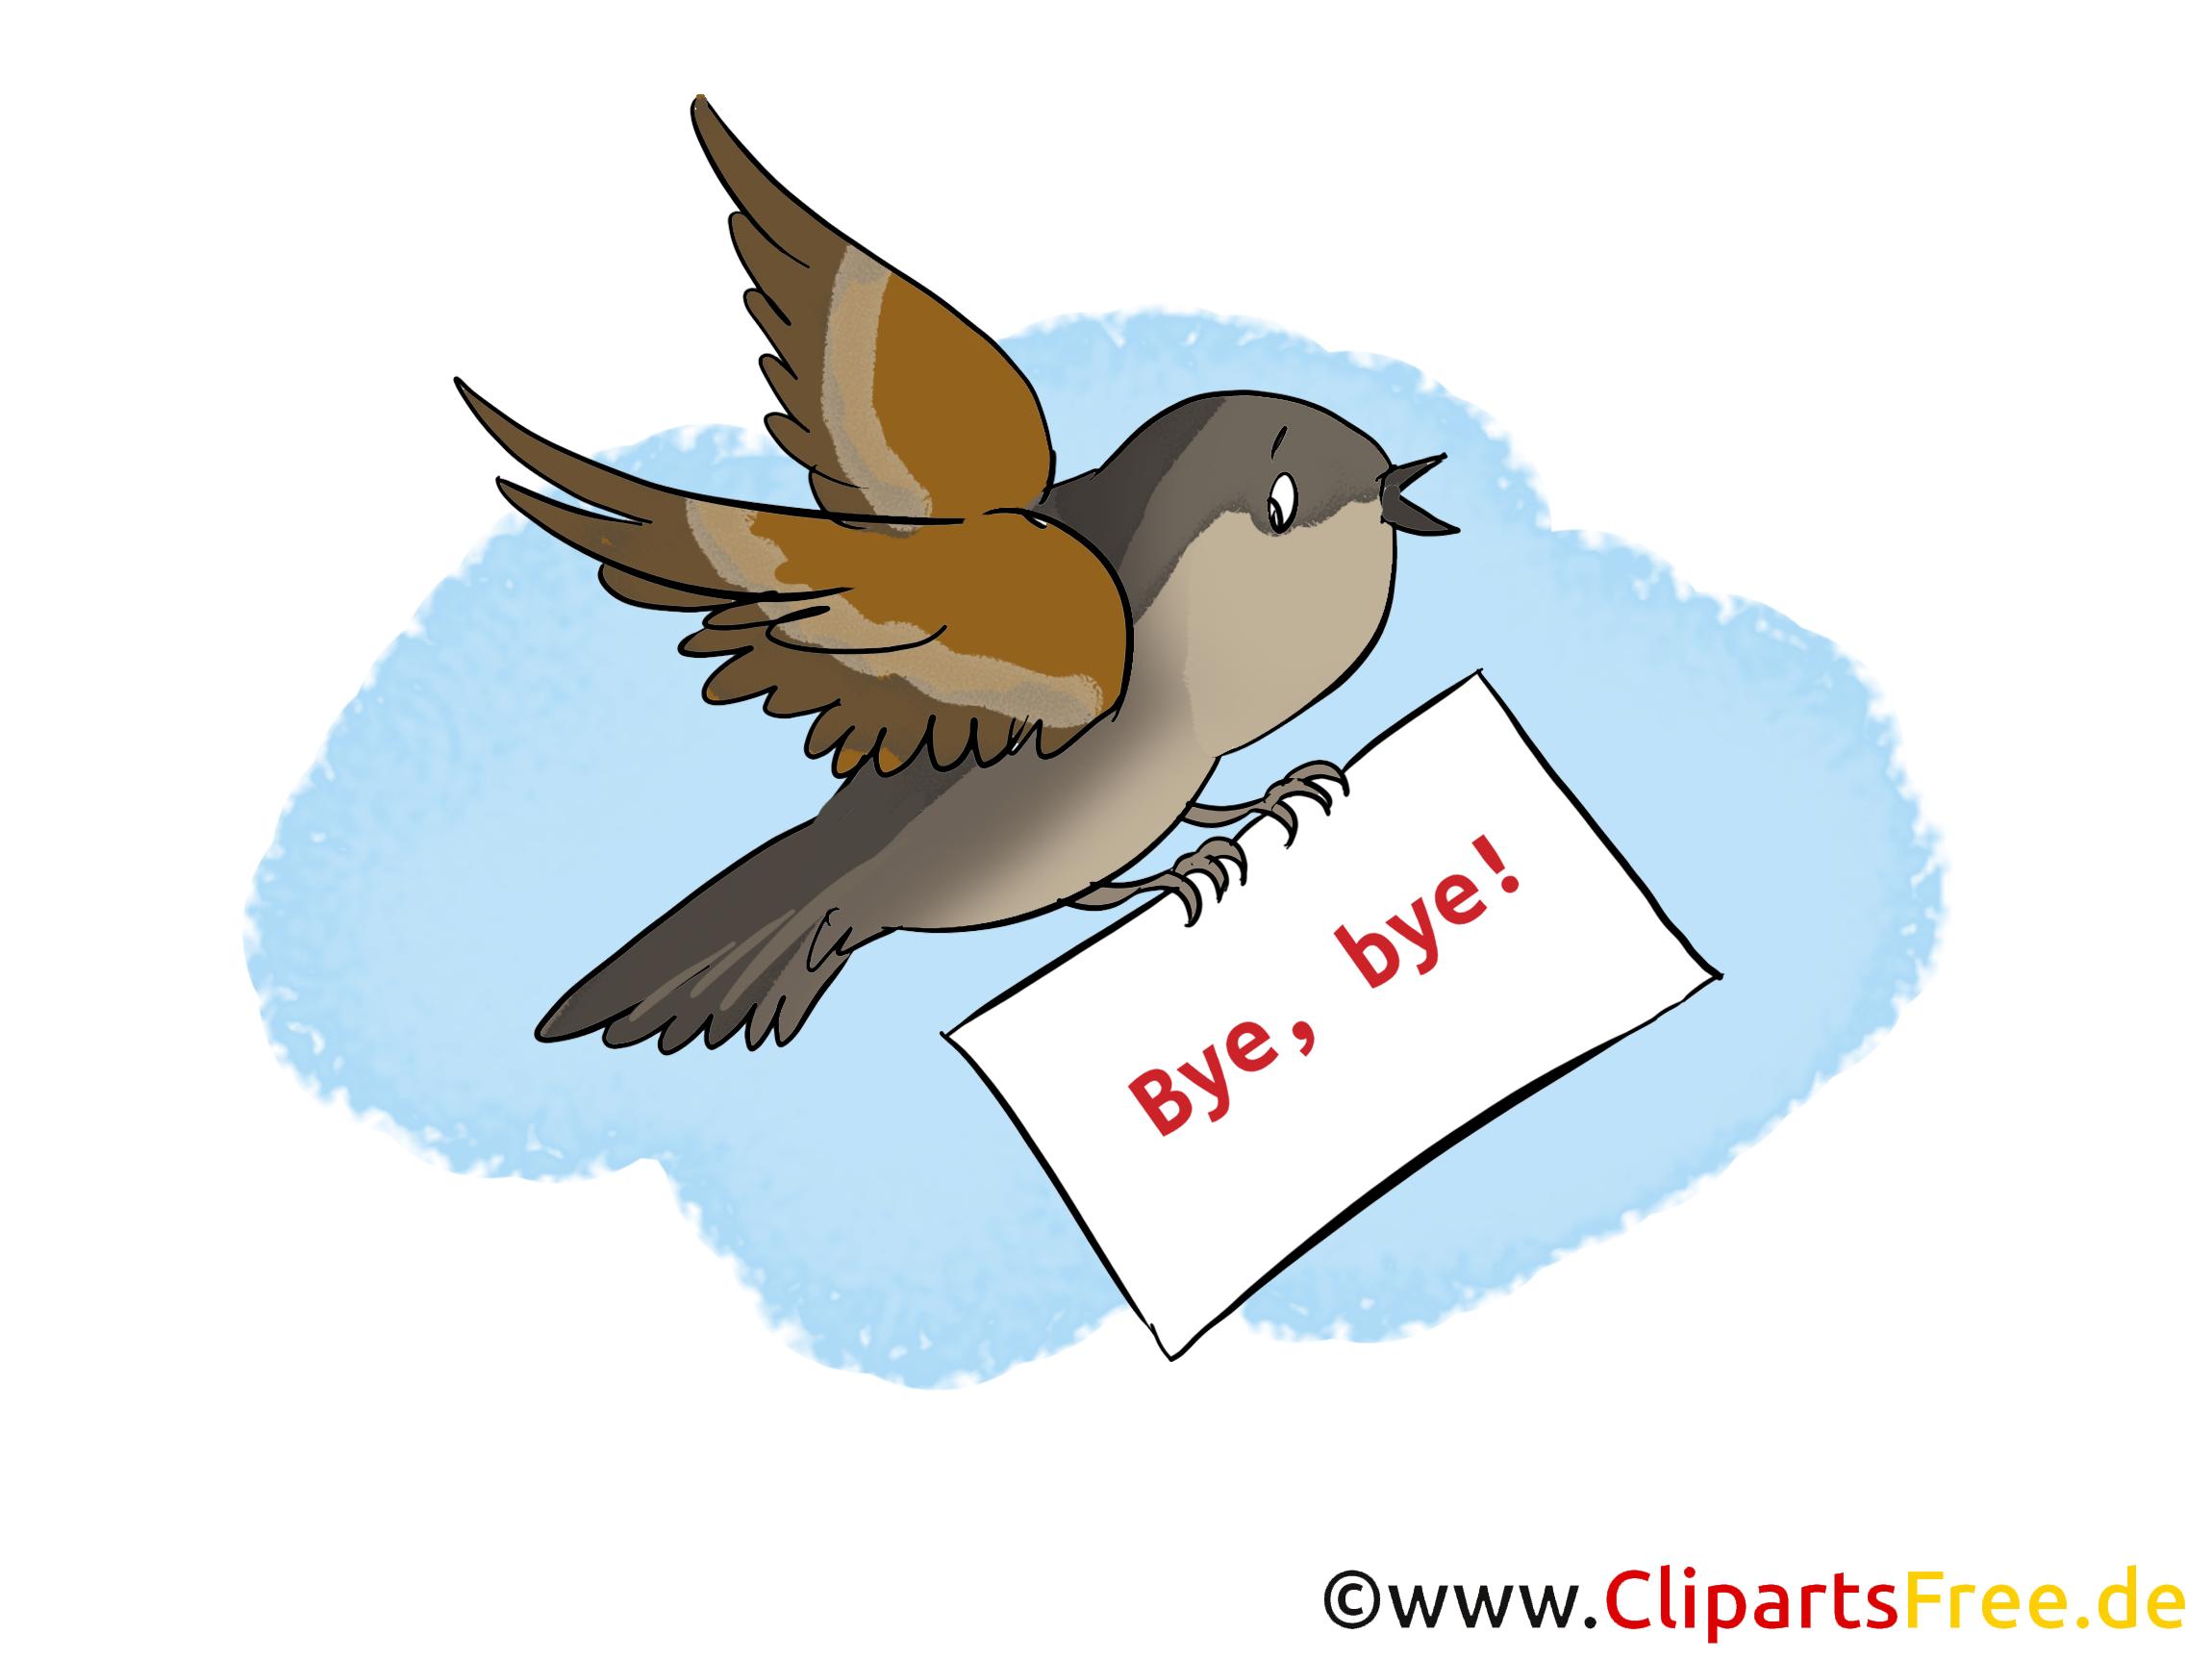 Zum abschied einer kollegin karte clipart cartoon bild for Abschied kollege ruhestand